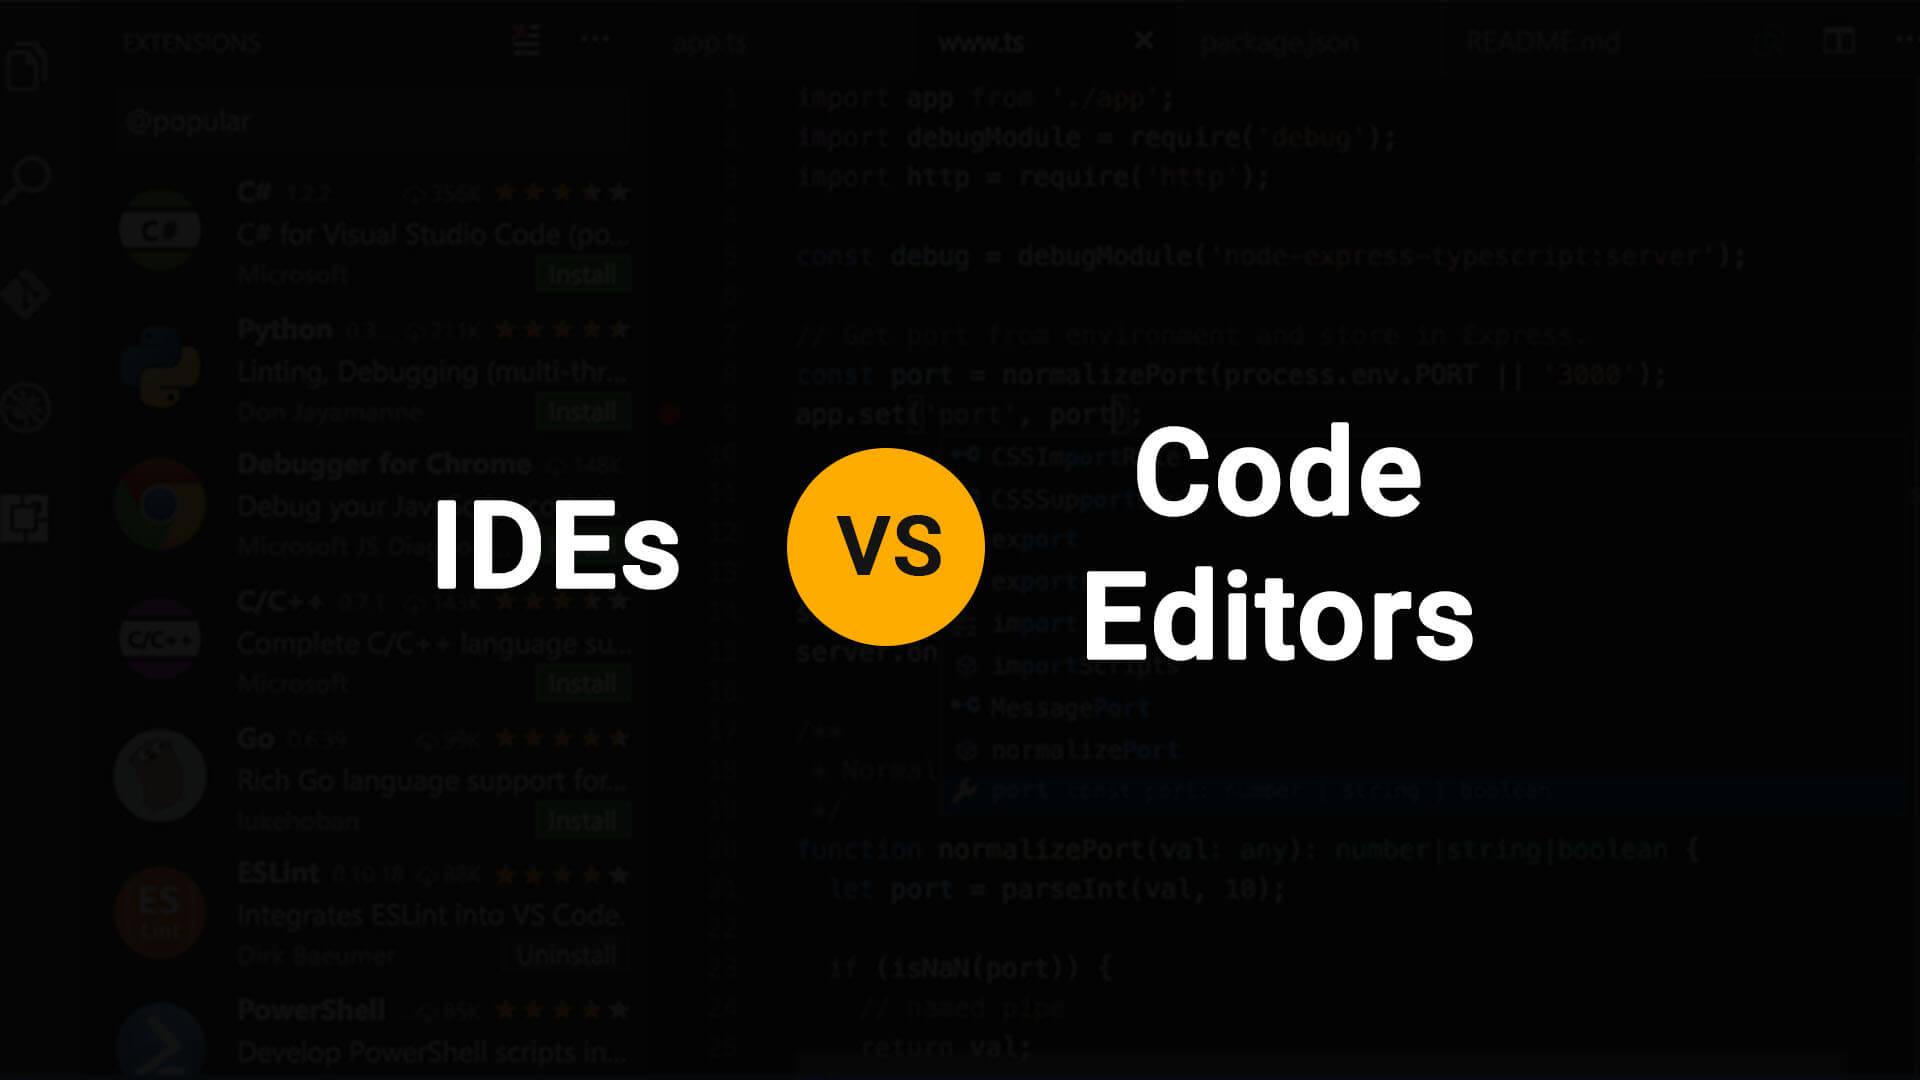 IDEs VS. Code Editors